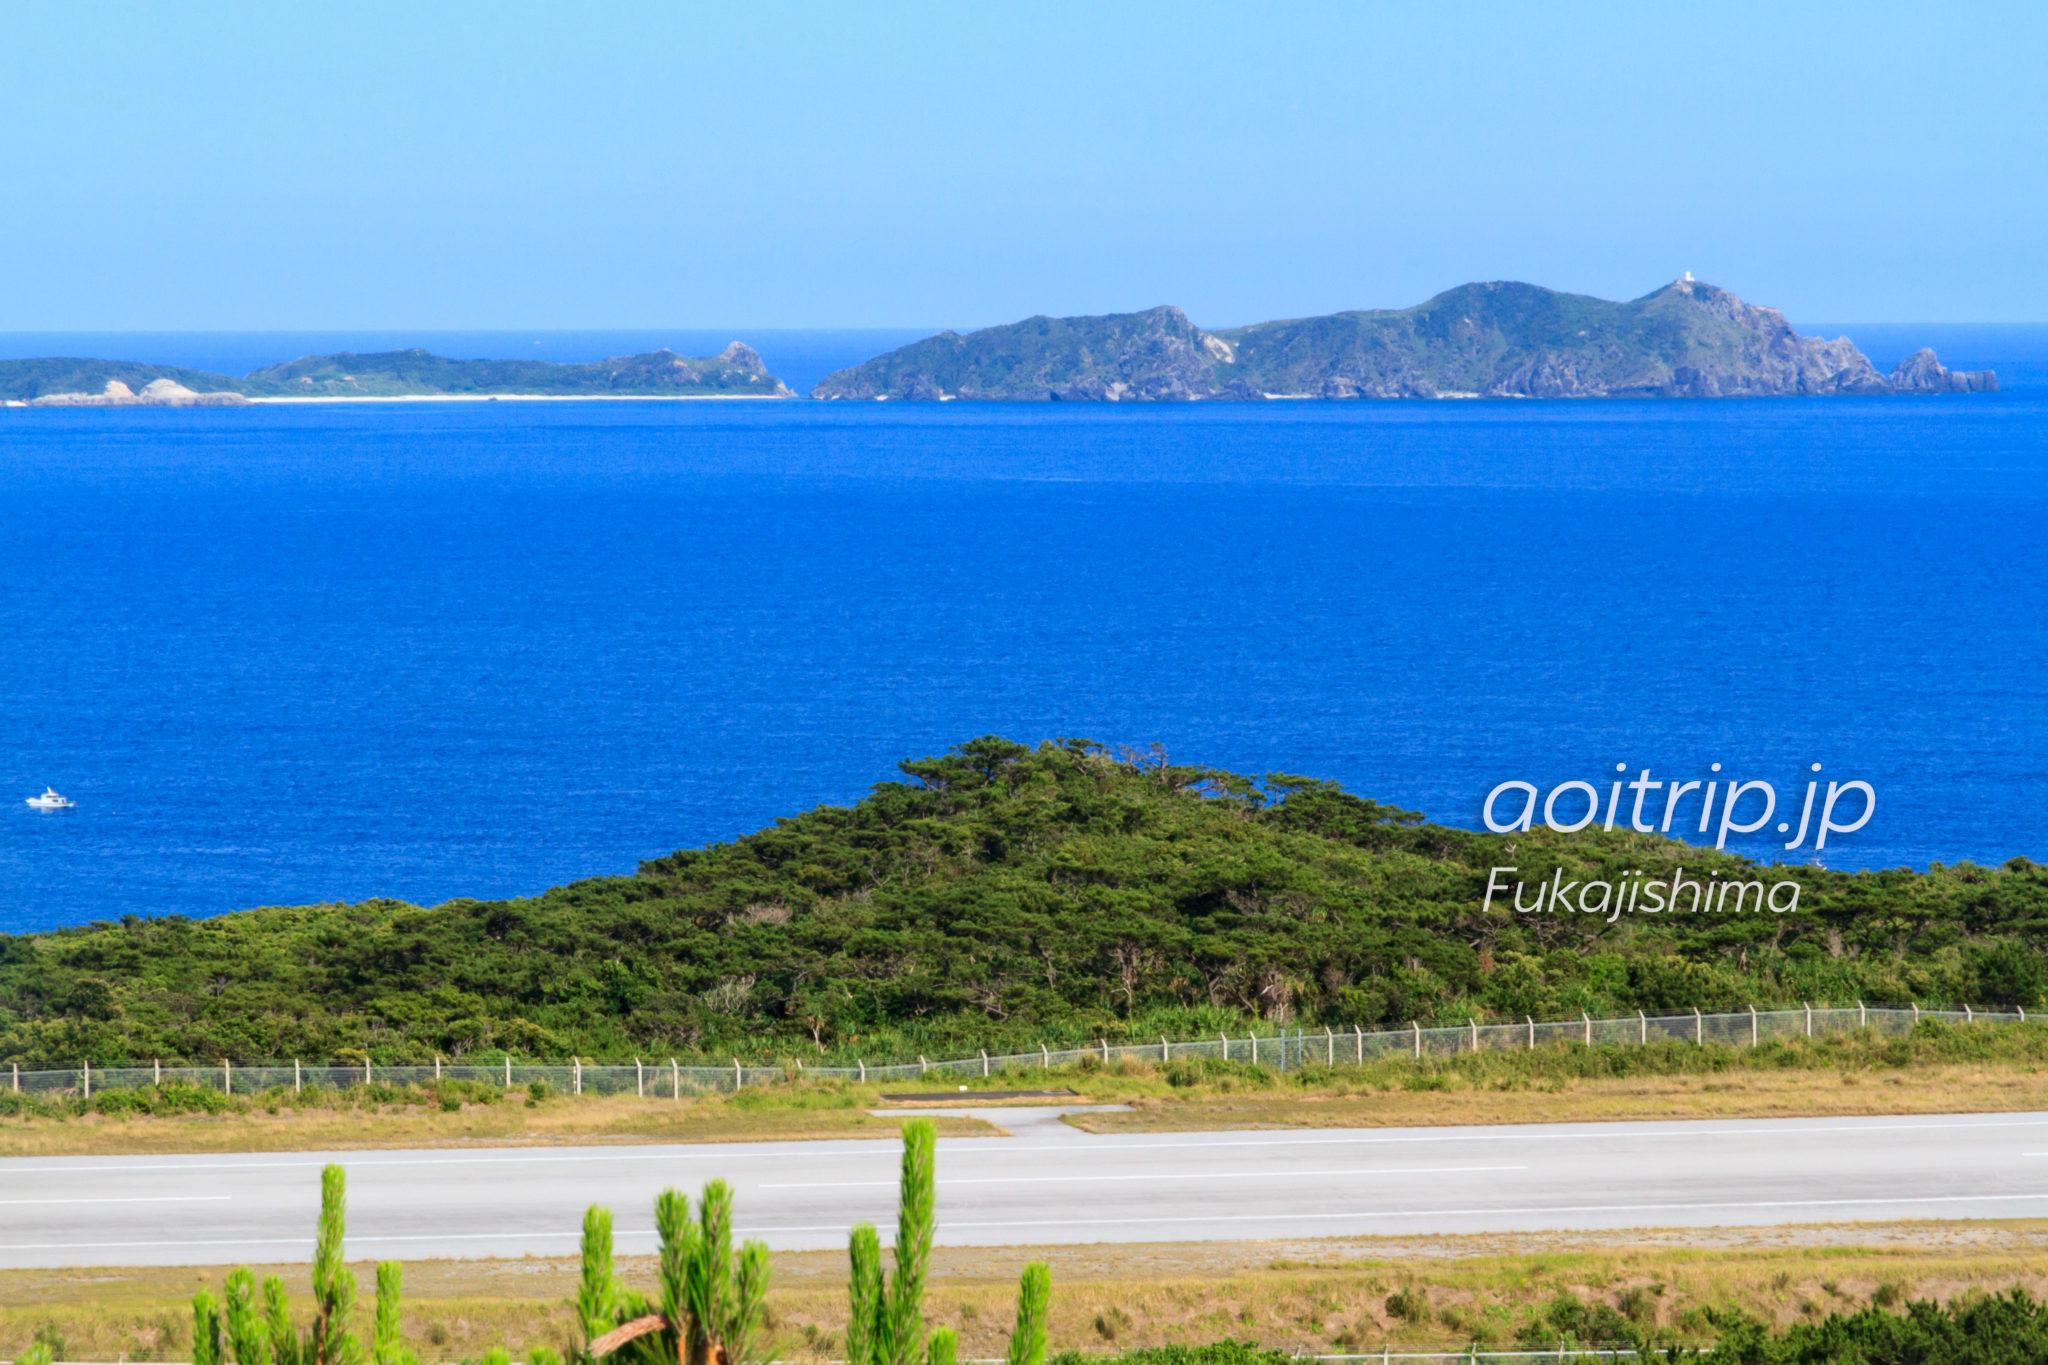 外地展望台から望む阿波連園地とウン島